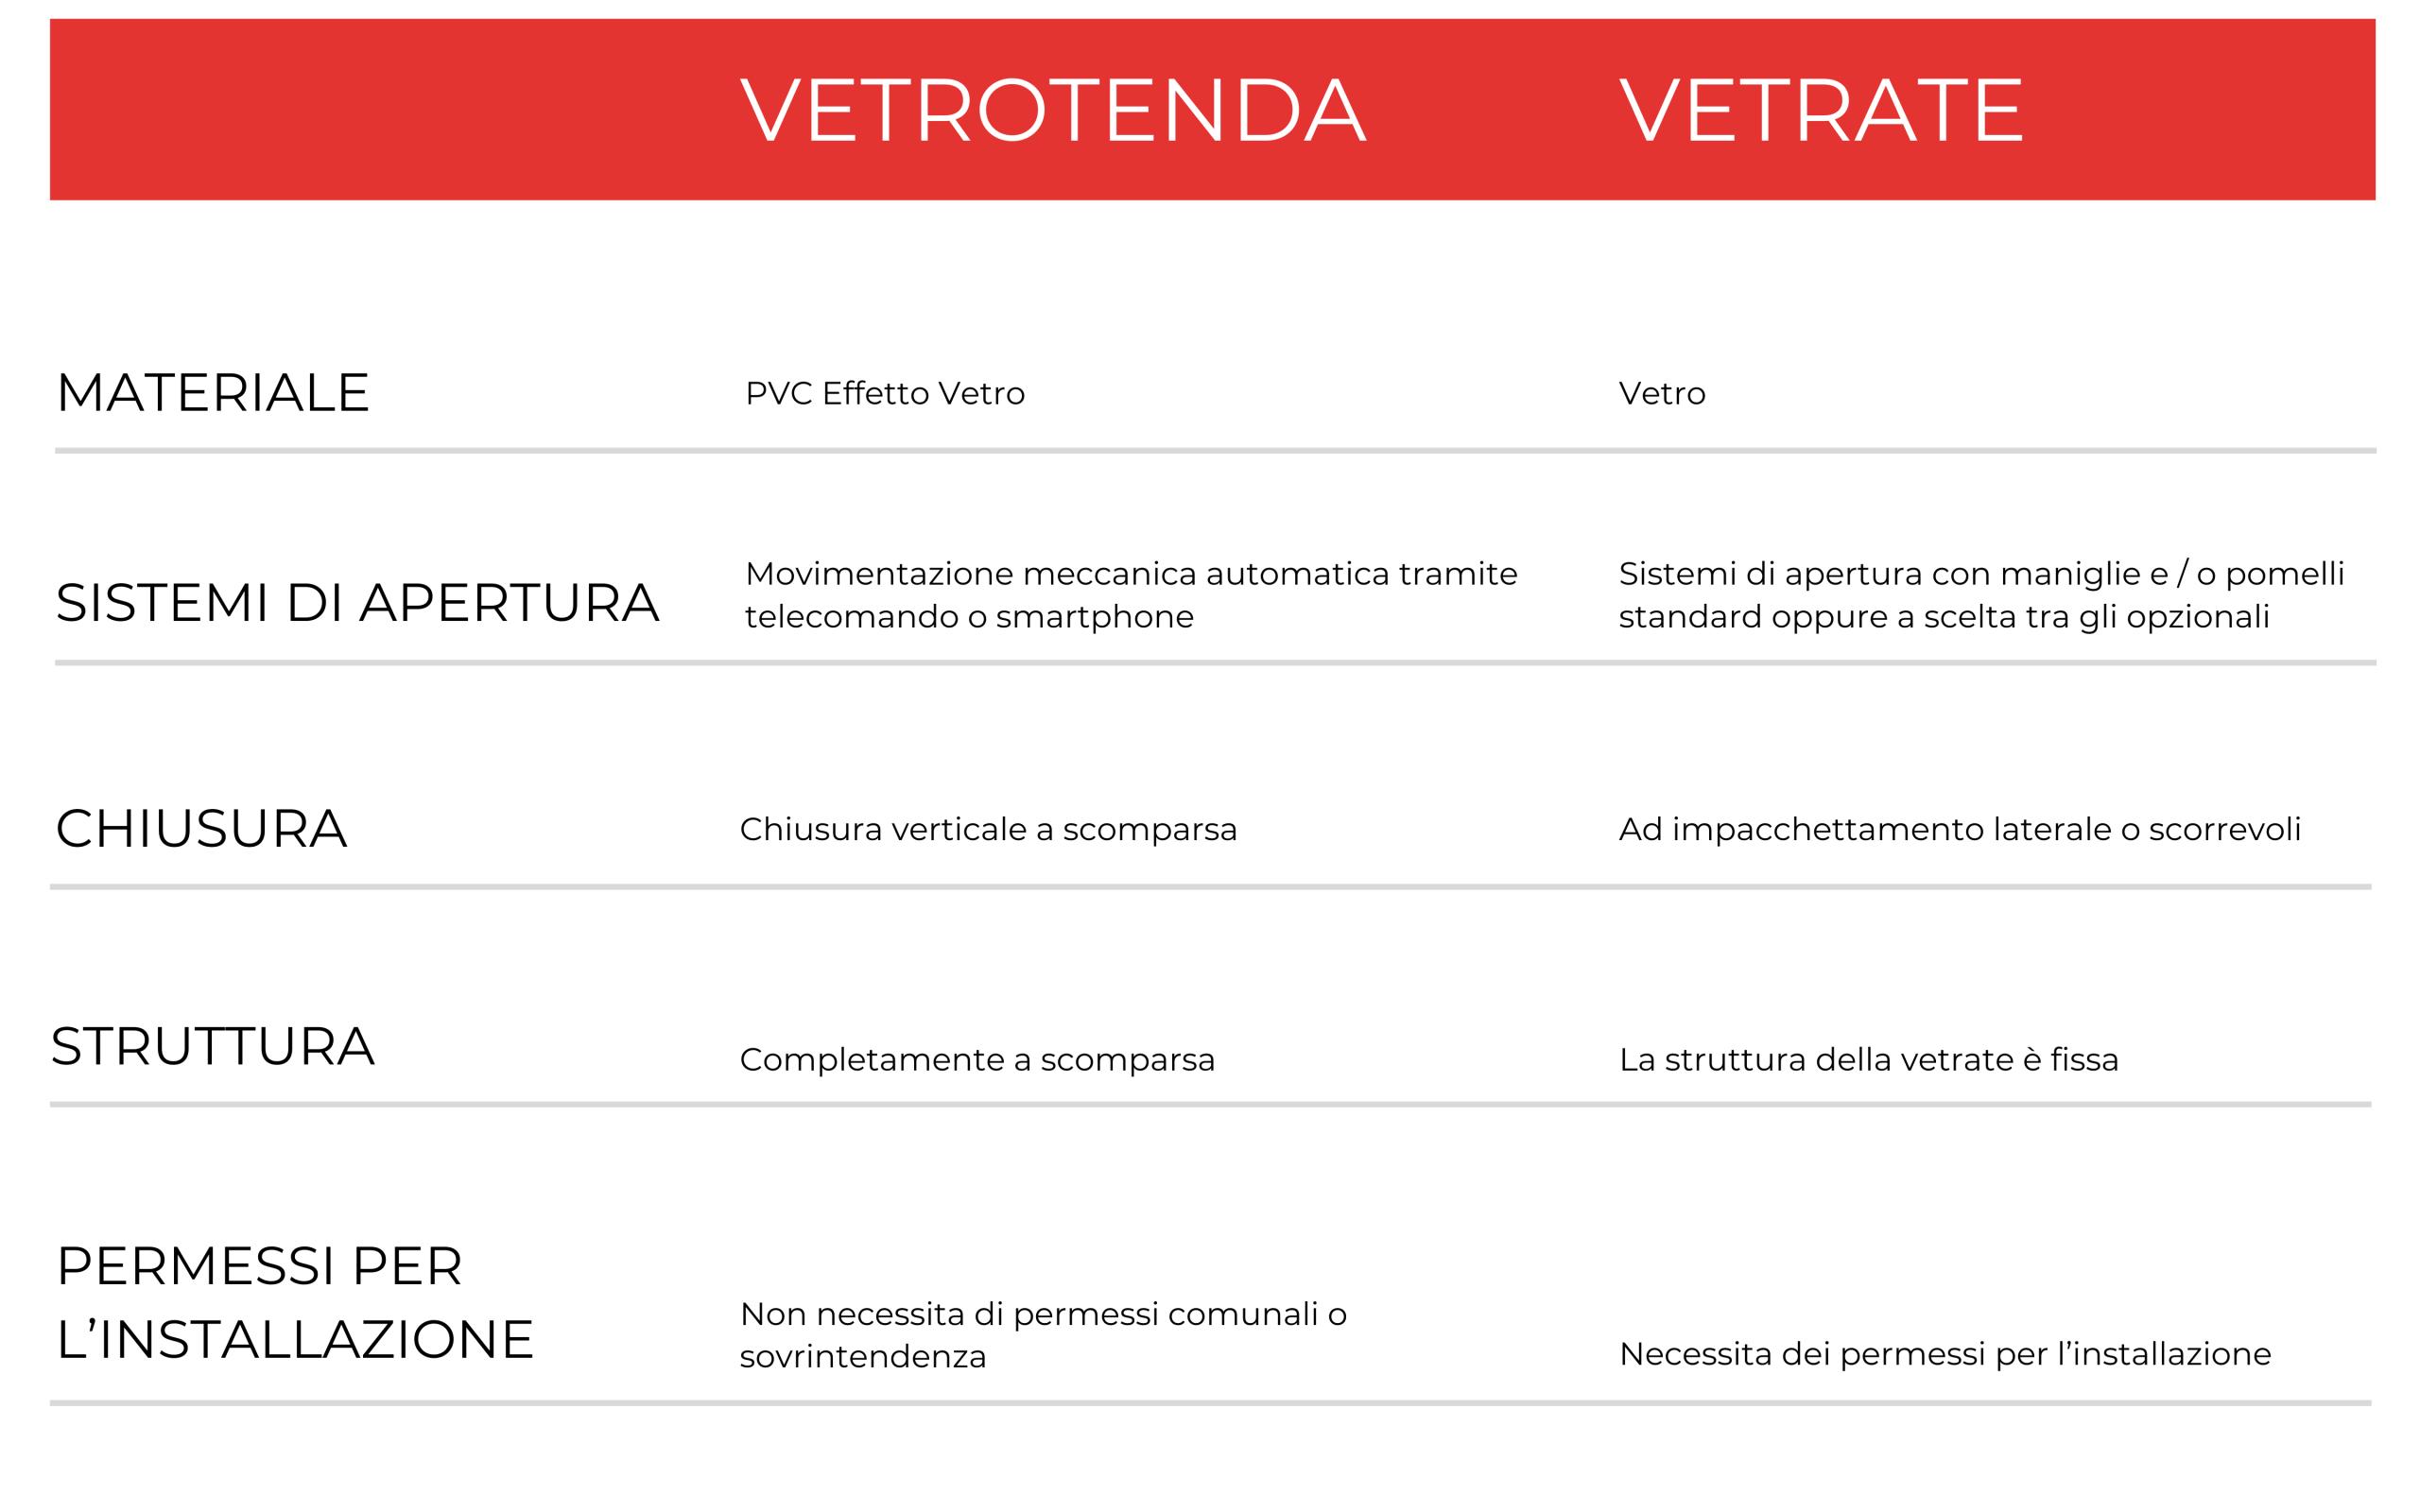 Copia-di-VETROTENDA-1